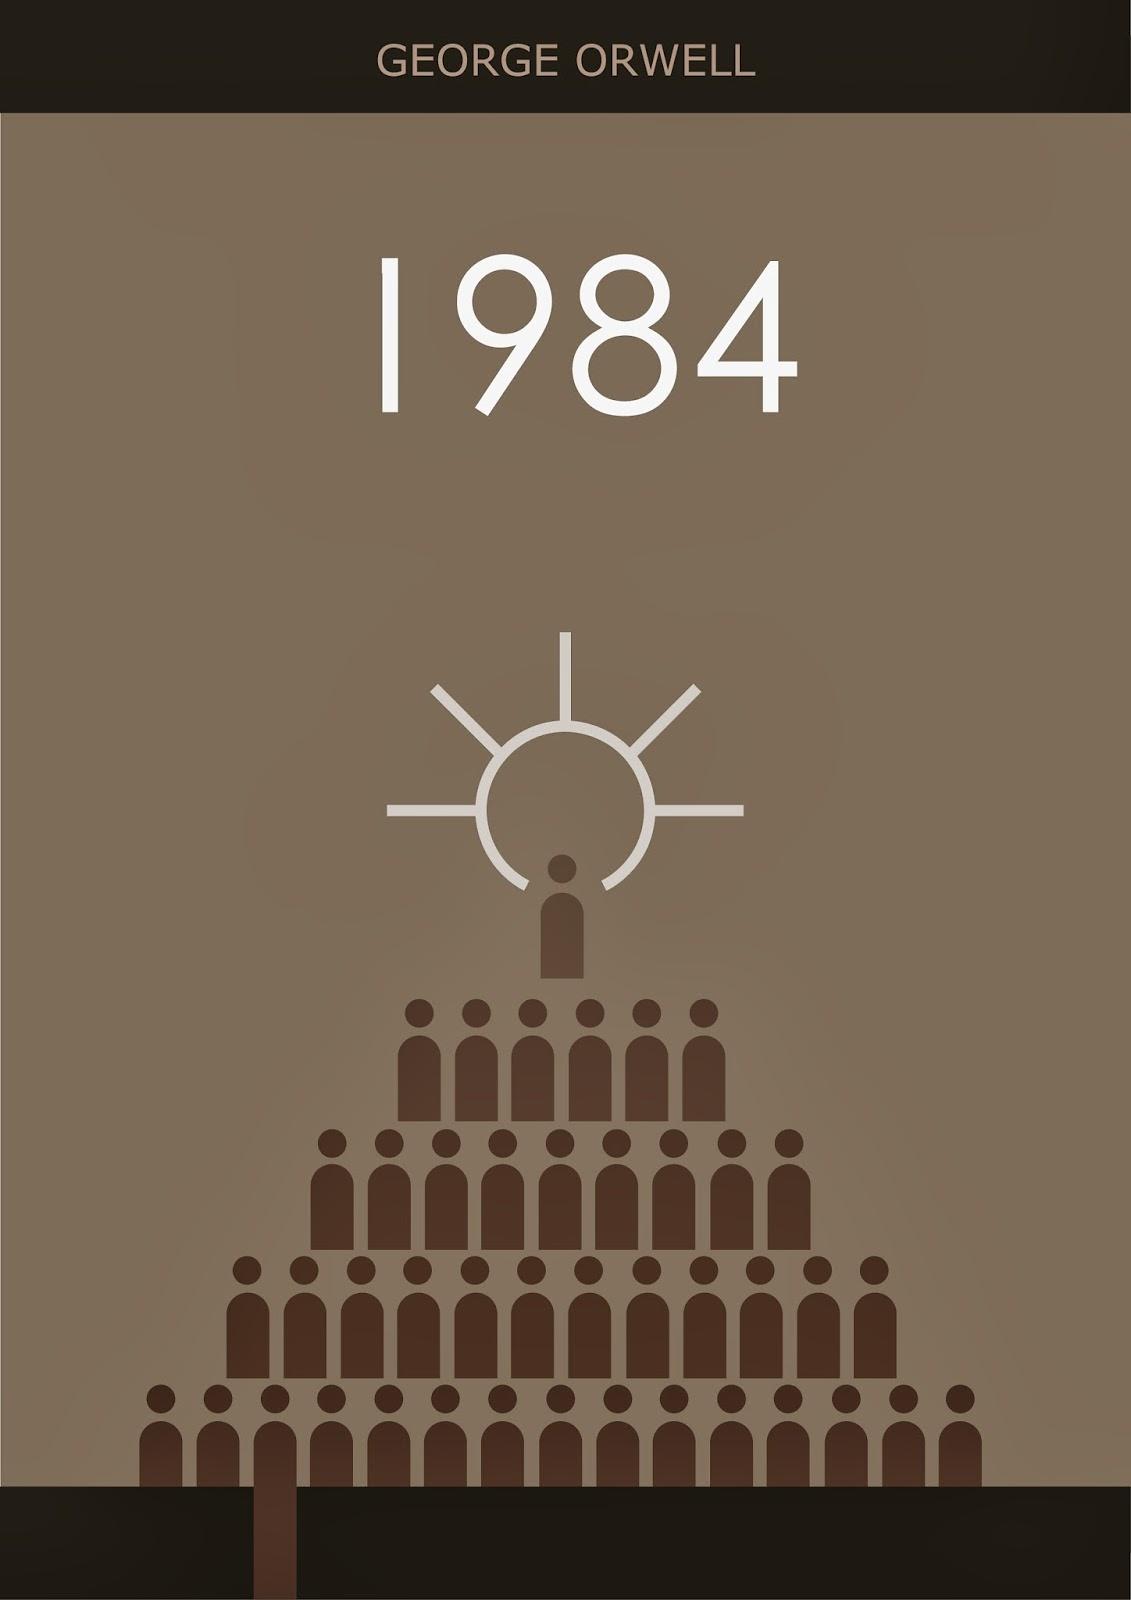 Las mejores portadas de 1984 de George Orwell